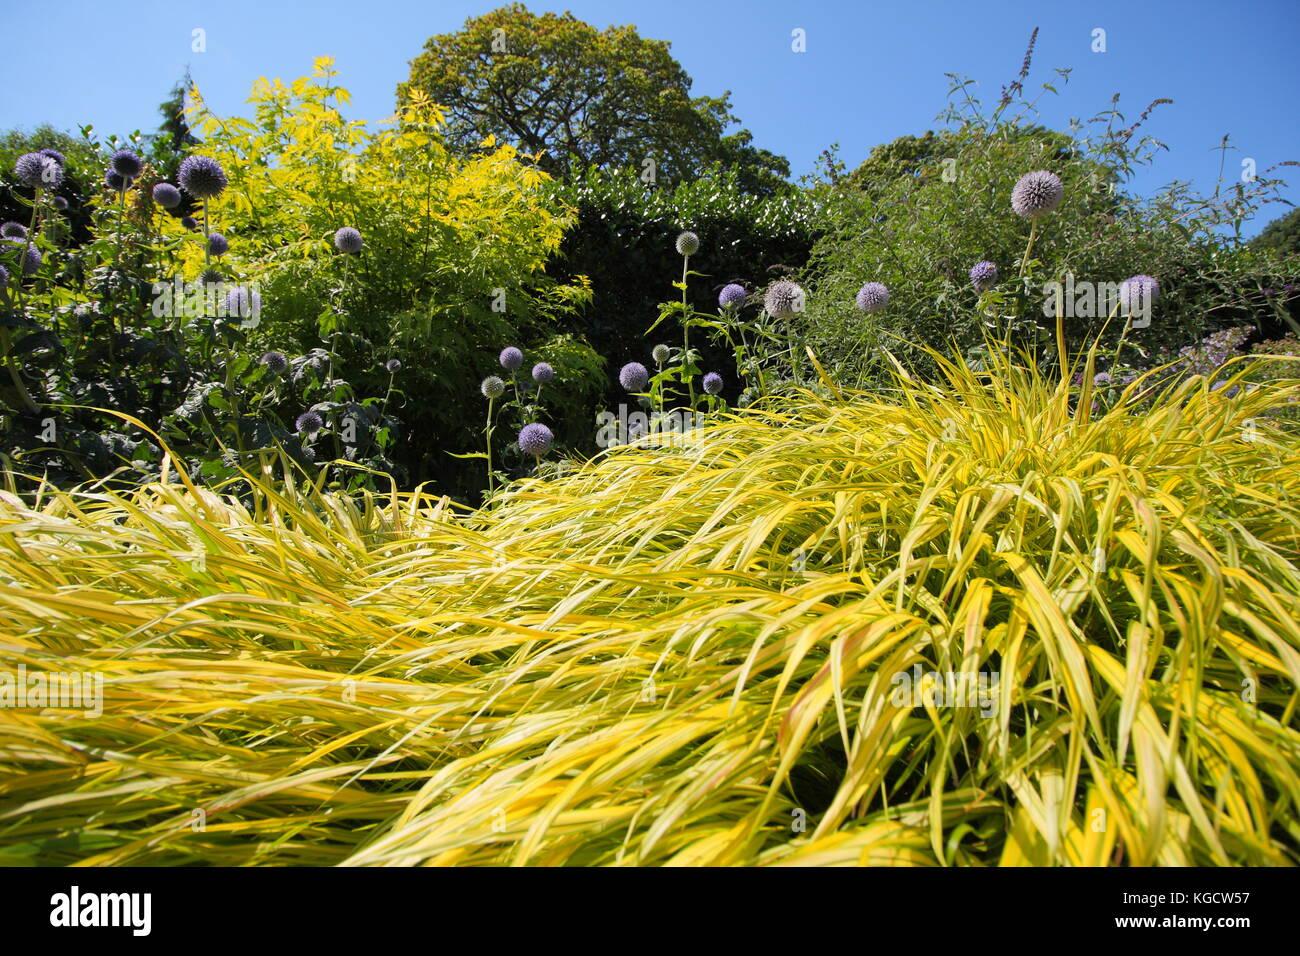 Golden grass (hakonechloa macra 'Aureola Hakonechloa') und 'Echinops bannaticus Taplow Blau 'Globus Stockbild